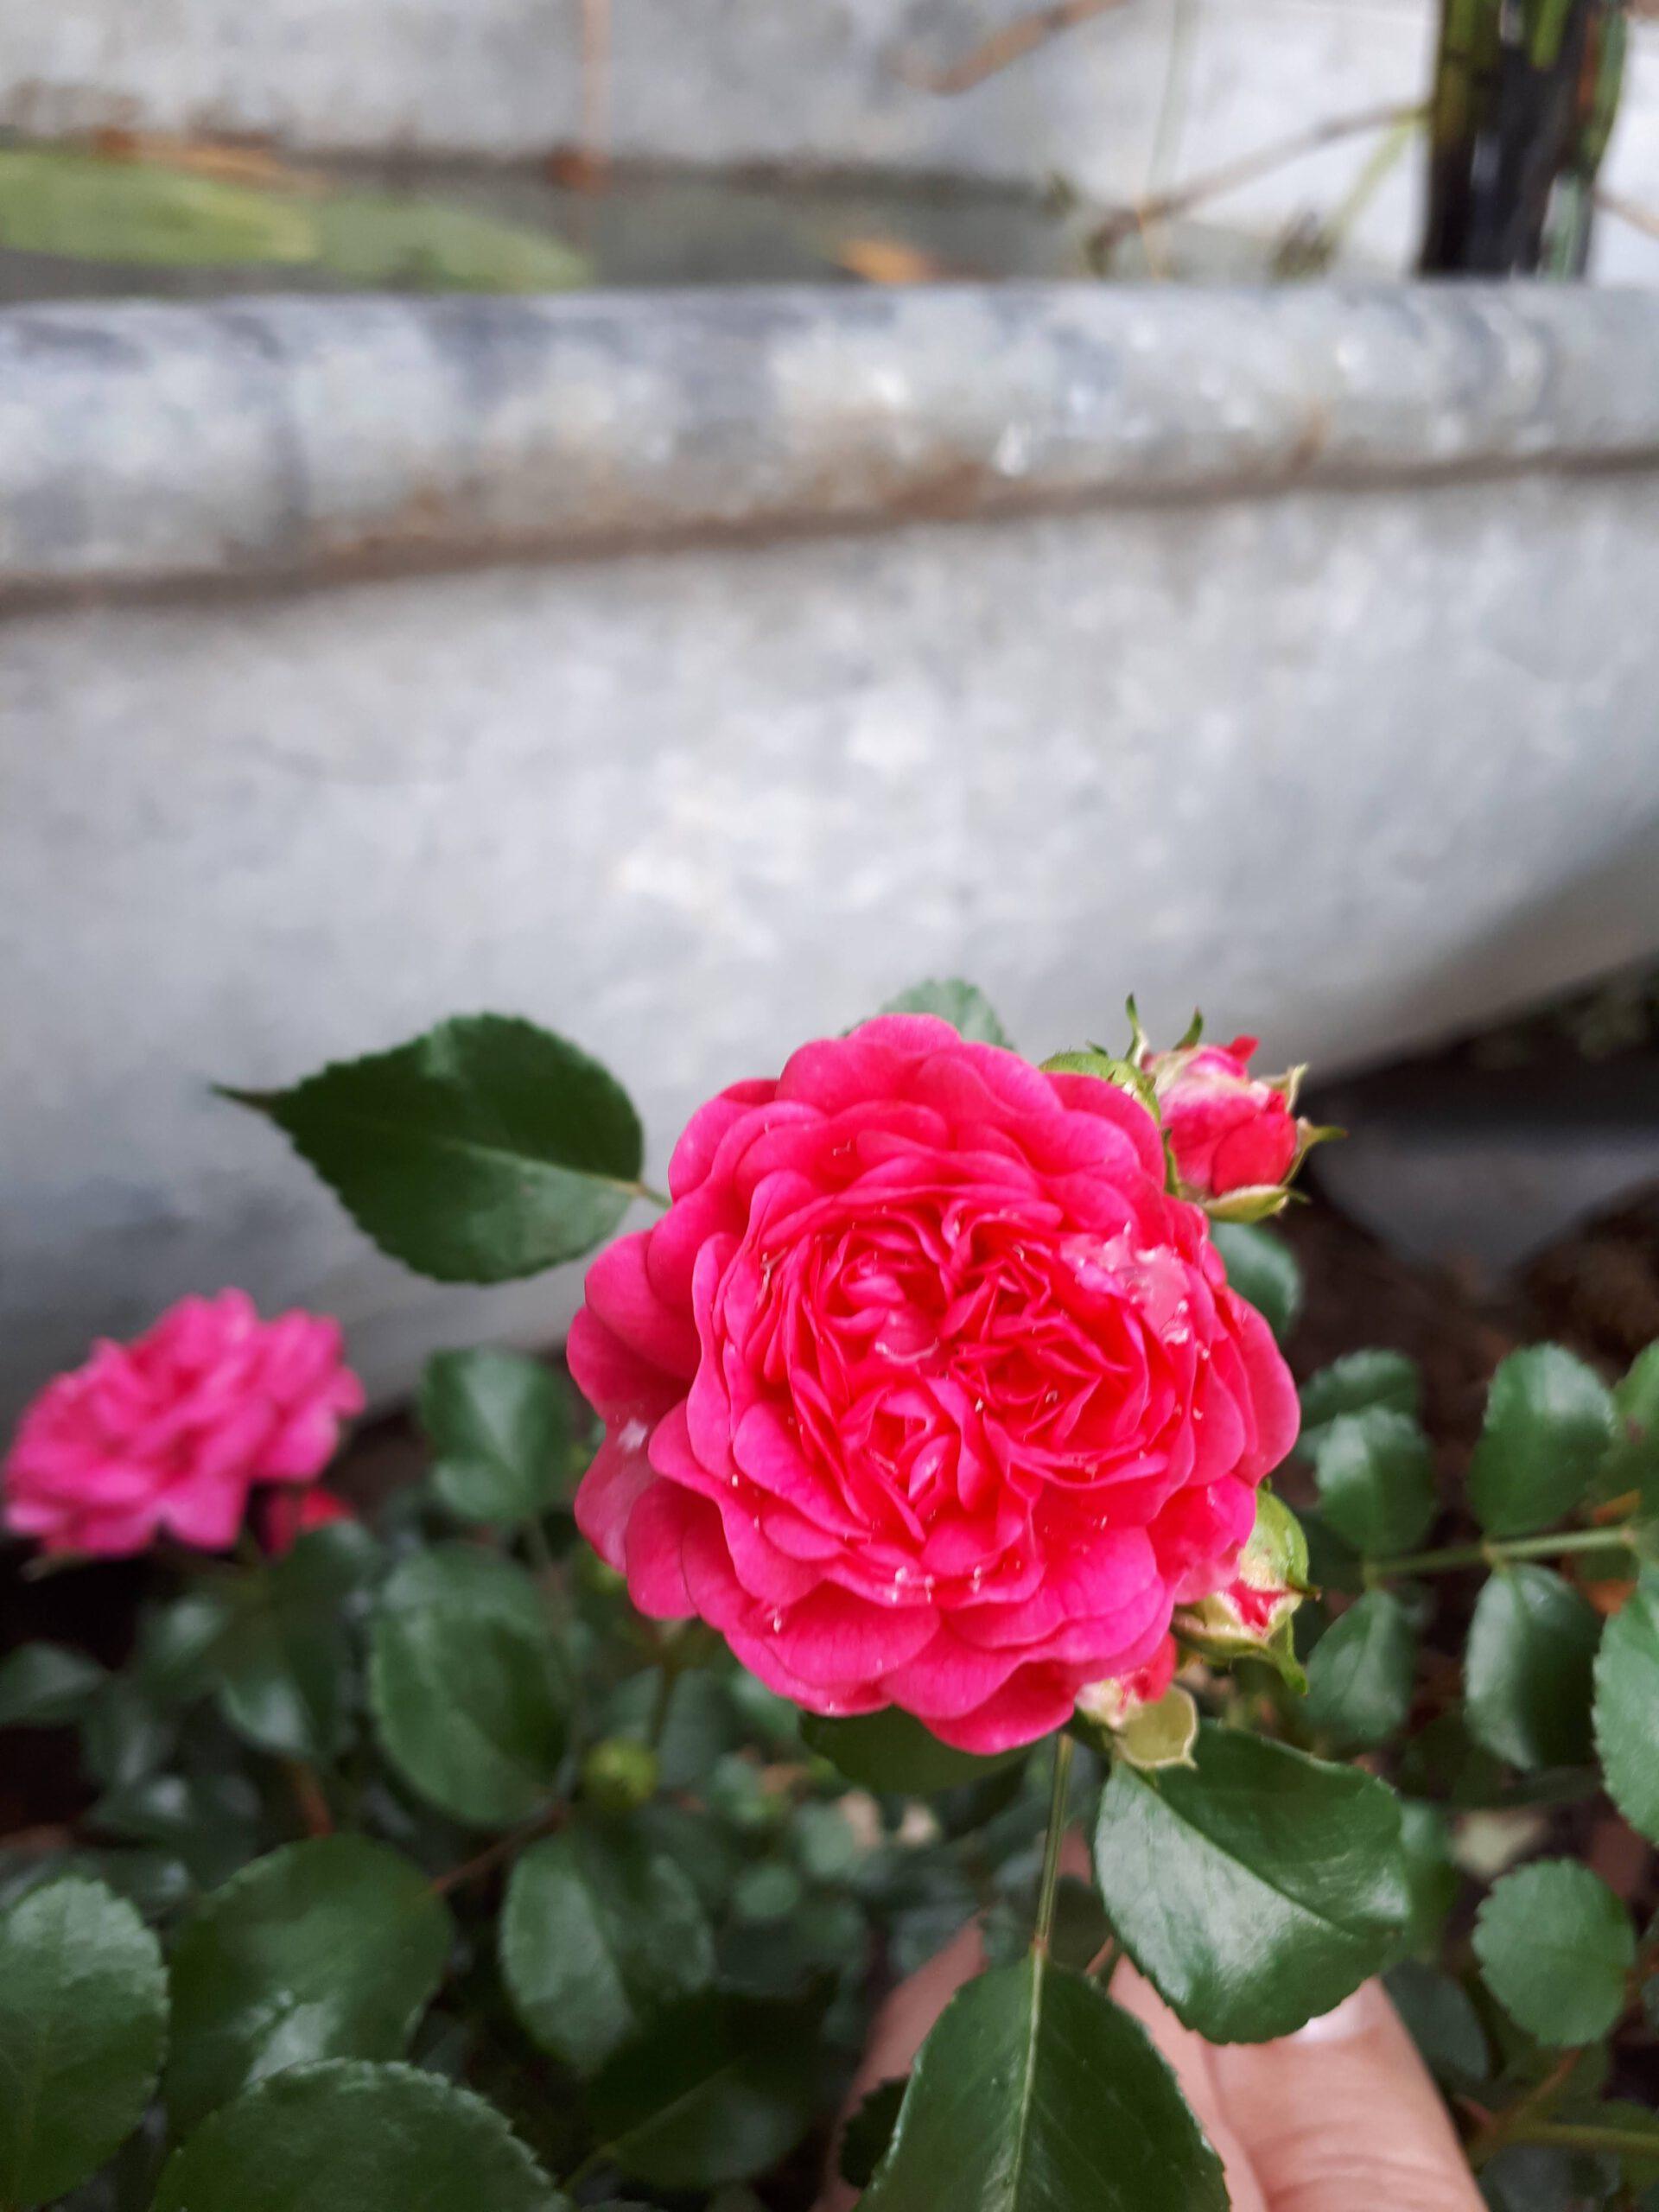 Meine Rosensorten, hier die Zwergrose Pepita in kräftigem Pink.